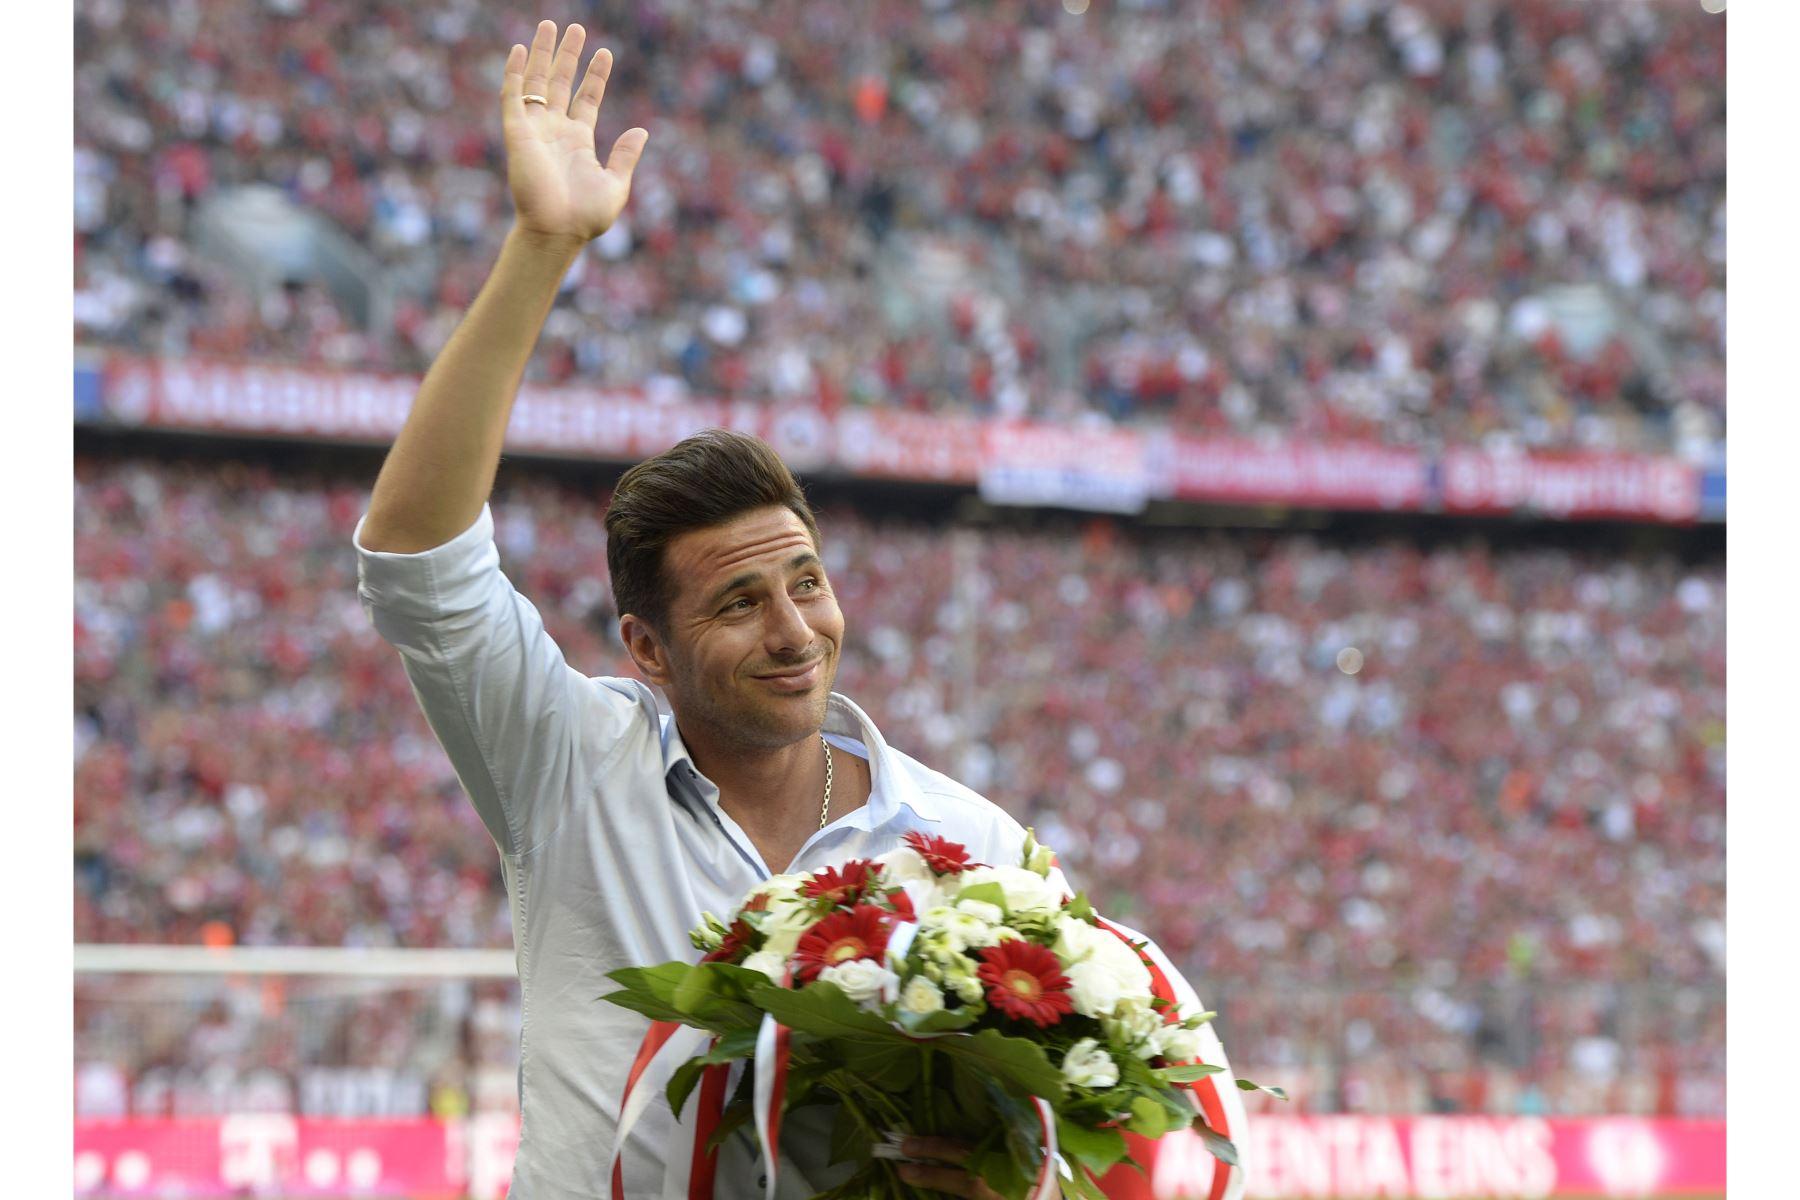 El delantero peruano del Bayern de Múnich, Claudio Pizarro, saluda durante una pequeña ceremonia de despedida antes del inicio del partido entre Bayern Múnich vs Bayer 04 Leverkusen, en Múnich. Foto: AFP